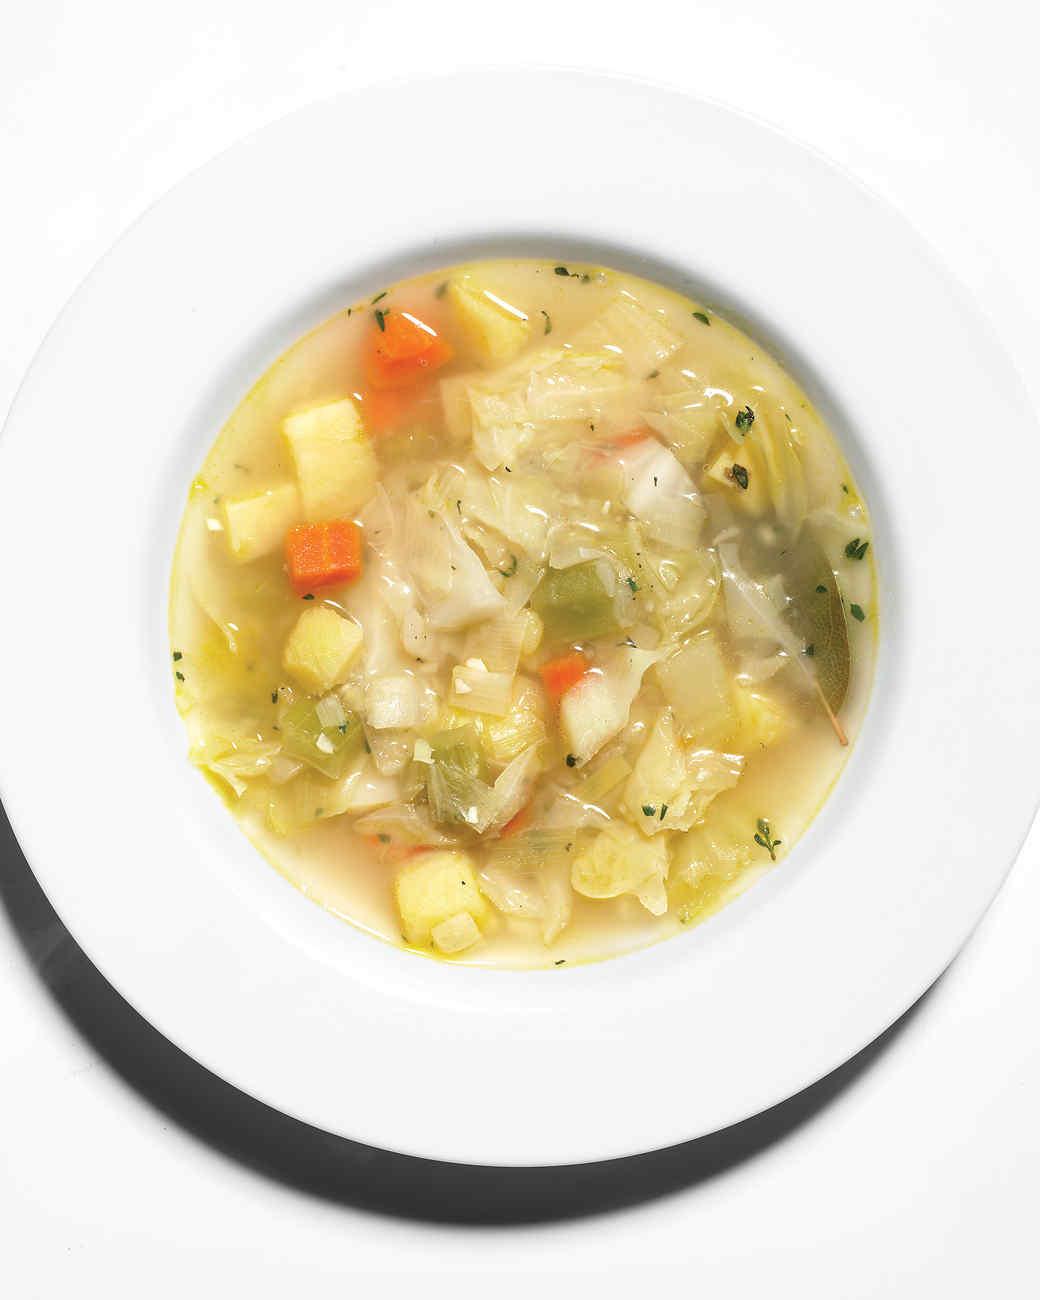 med105087_1209_cabbage_soup.jpg